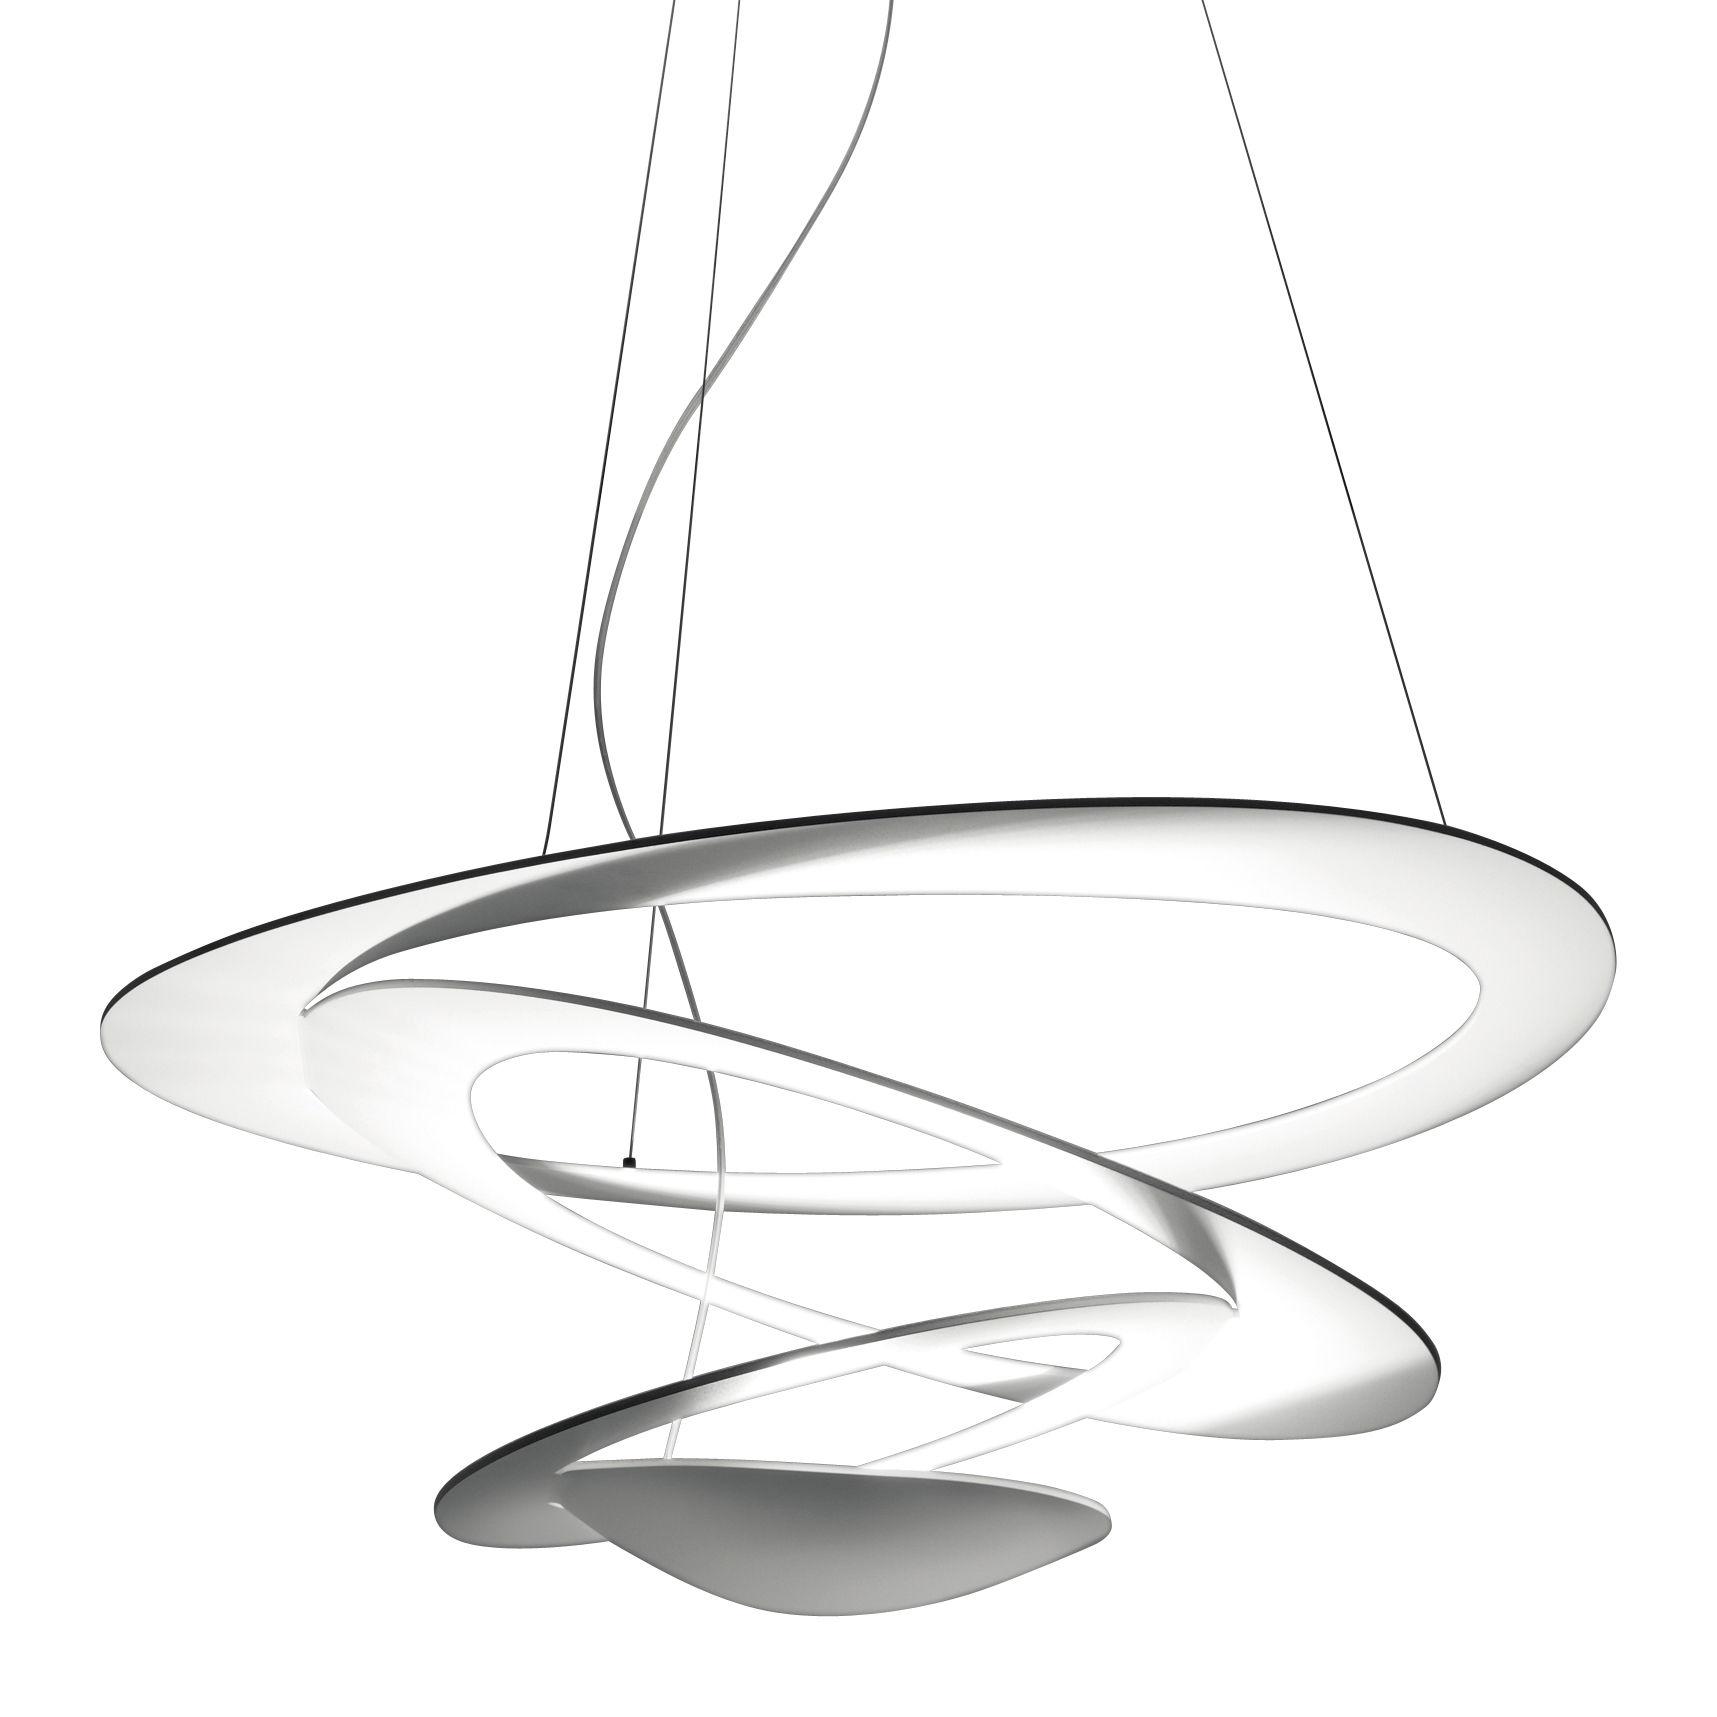 Luminaire - Suspensions - Suspension Pirce Mini / Ø 69 cm - Artemide - Blanc - Aluminium verni